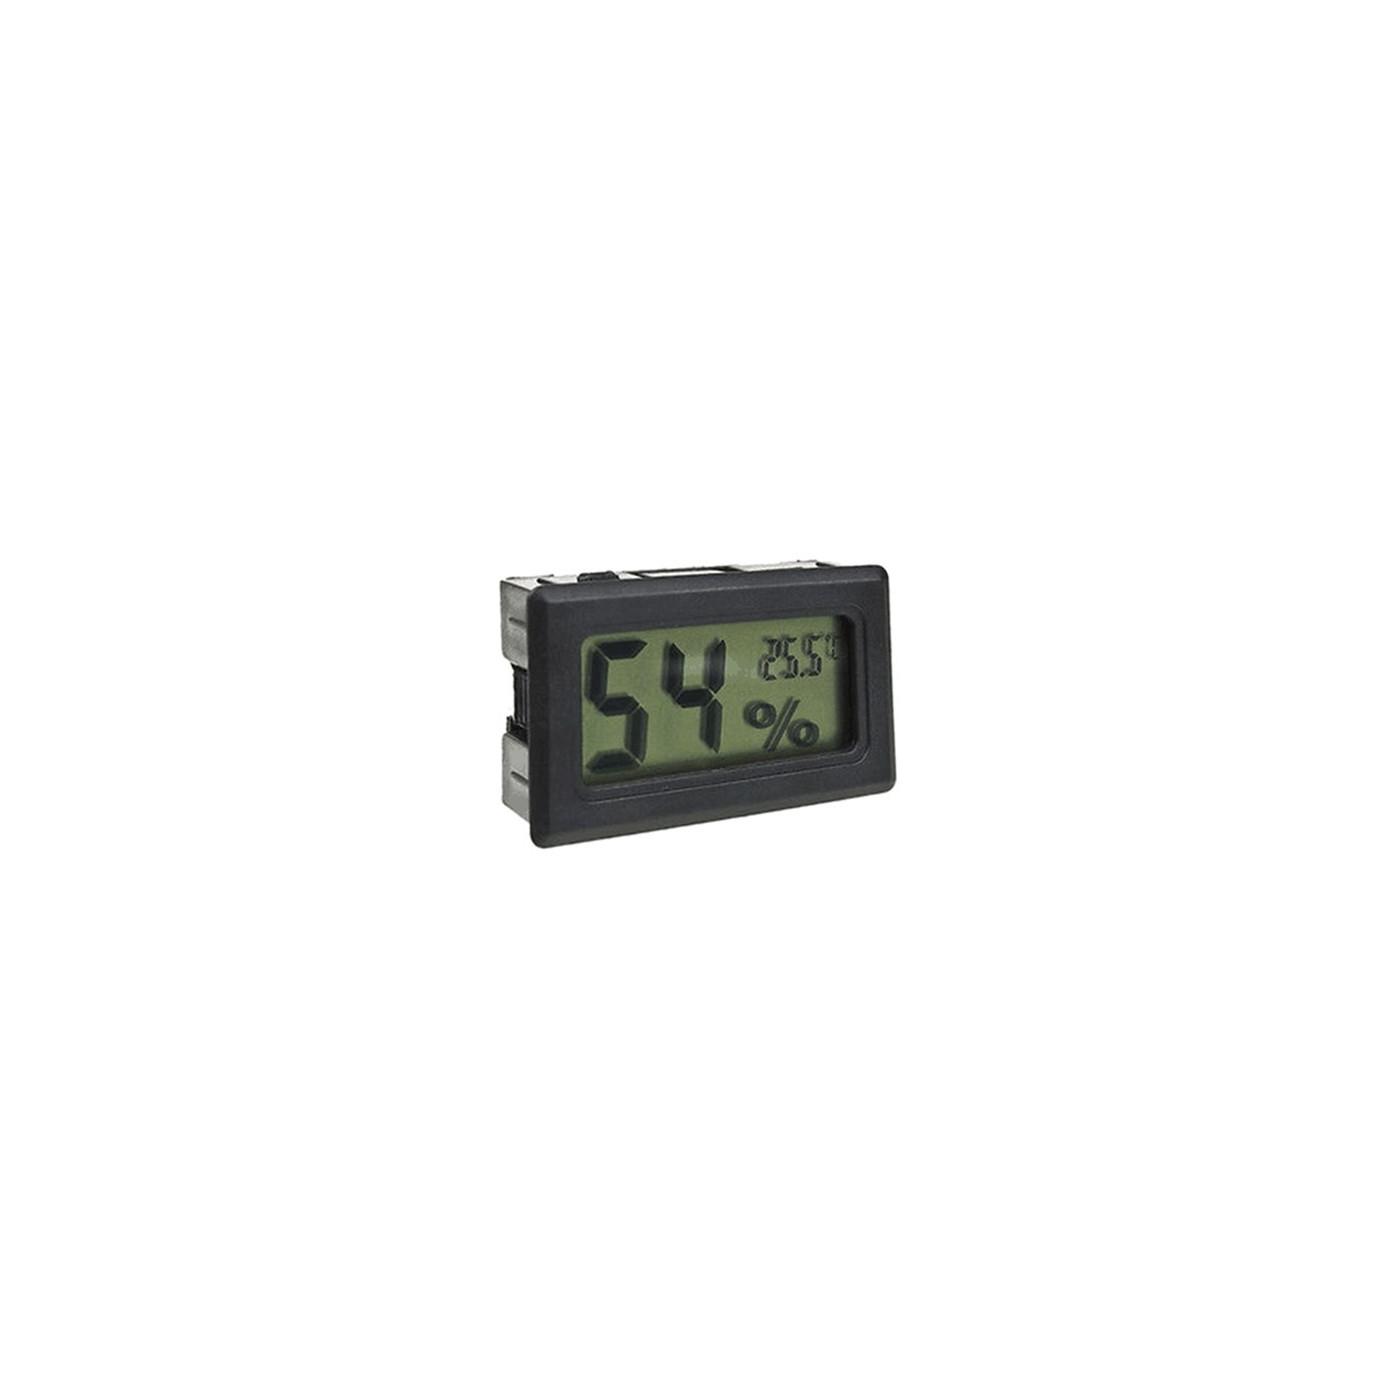 LCD-Innentemperatur- und Feuchtigkeitsmesser (schwarz)